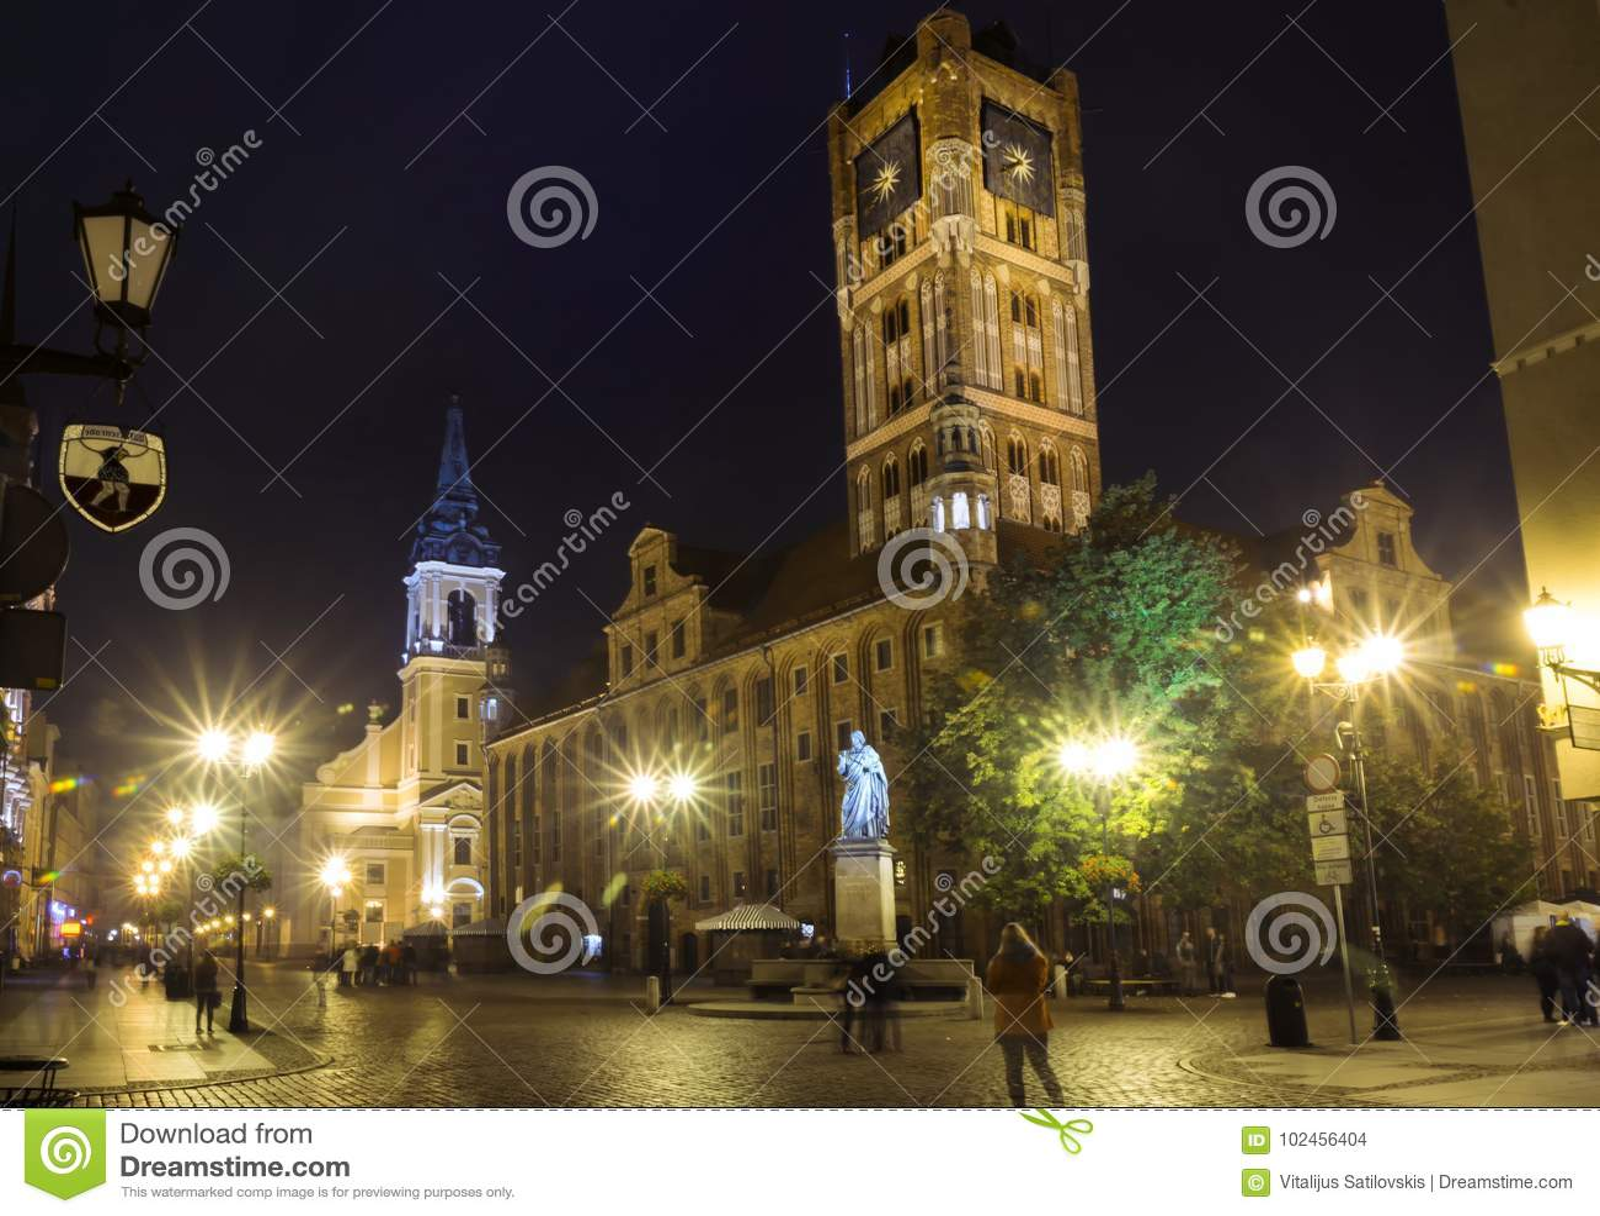 2017 10 20 Торун Польша, взгляд ночи улицы города Торуна, старого горизонта с ратушей, одной городка из самой большой залы в вост